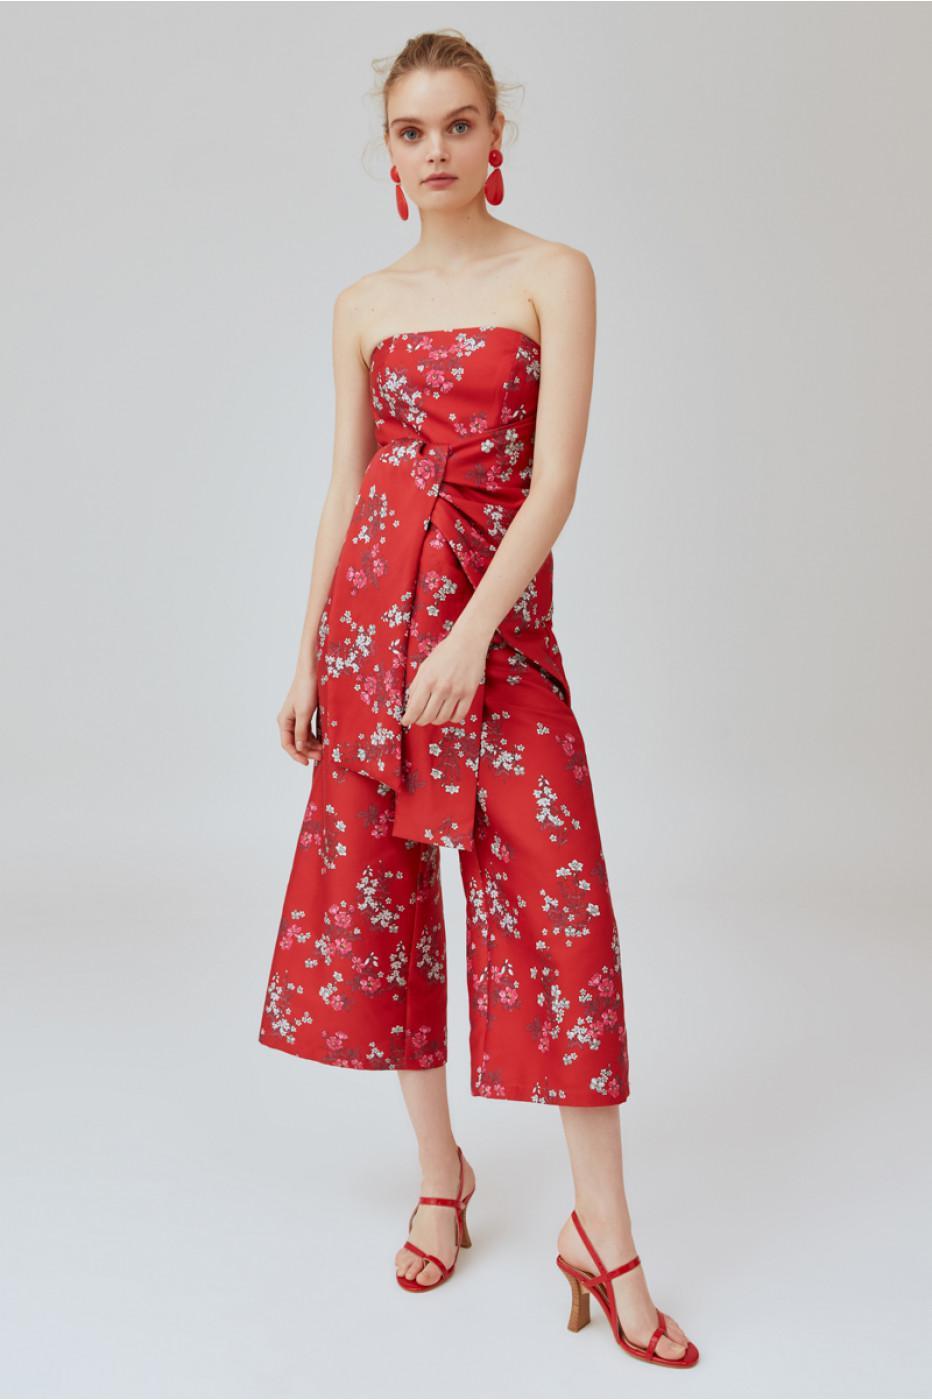 b22d9c73dee0 Keepsake Heart & Soul Strapless Jumpsuit in Red - Lyst